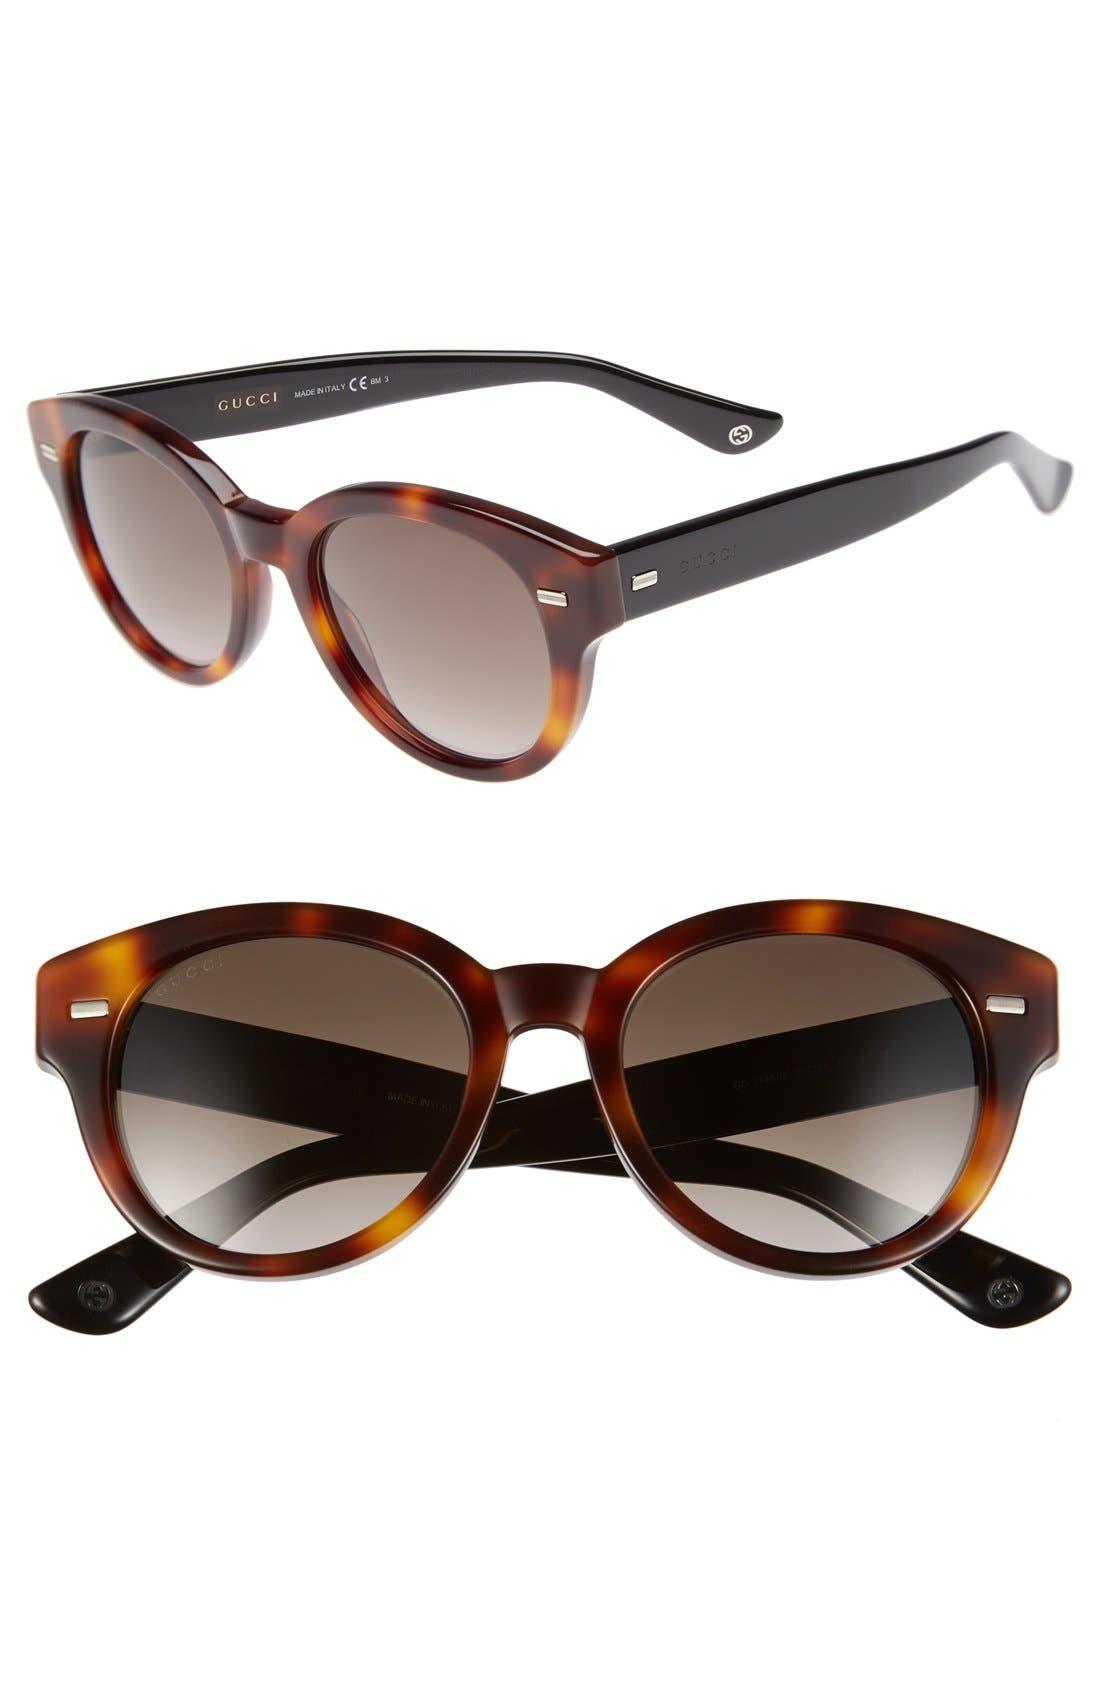 Main Image - Gucci 50mm Retro Sunglasses